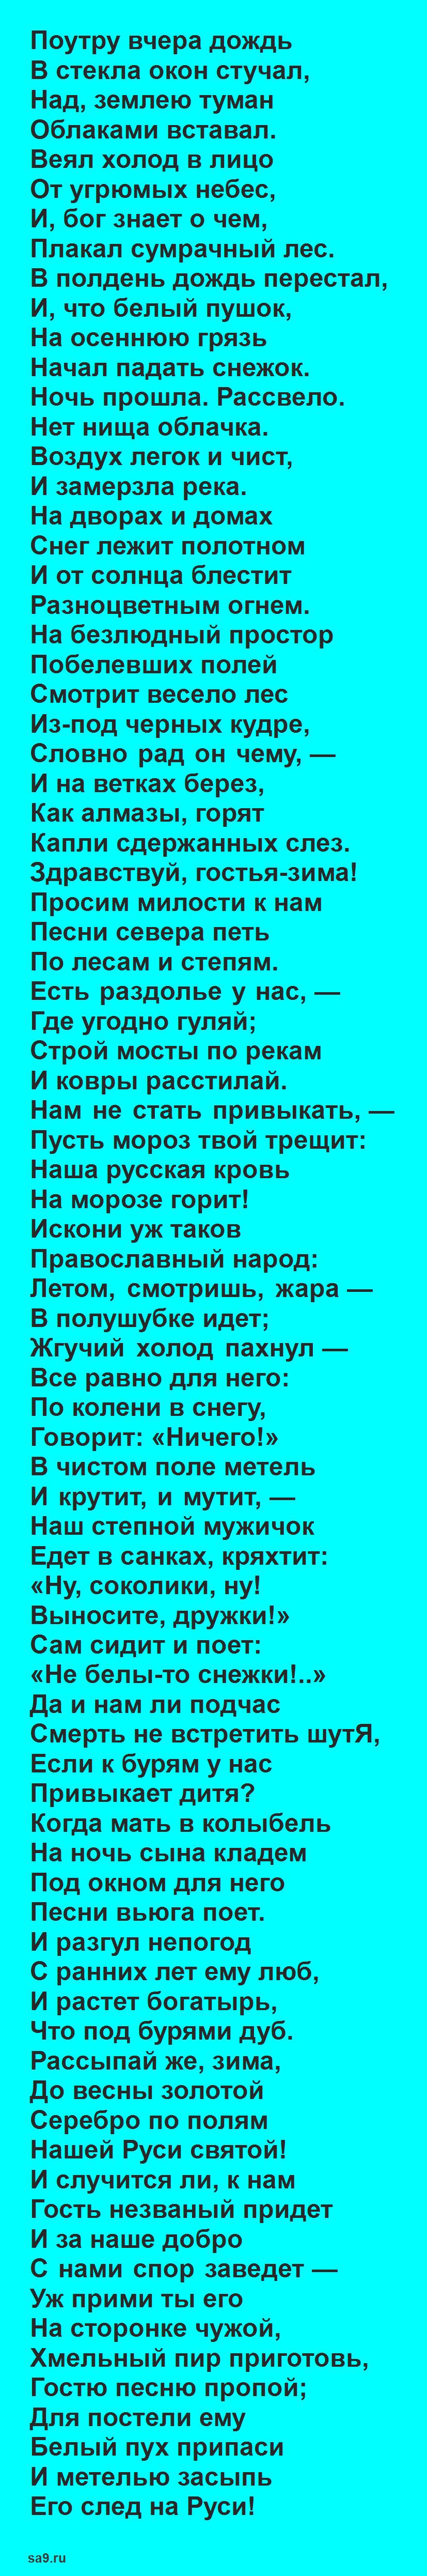 Стихи Никитина - Встреча зимы